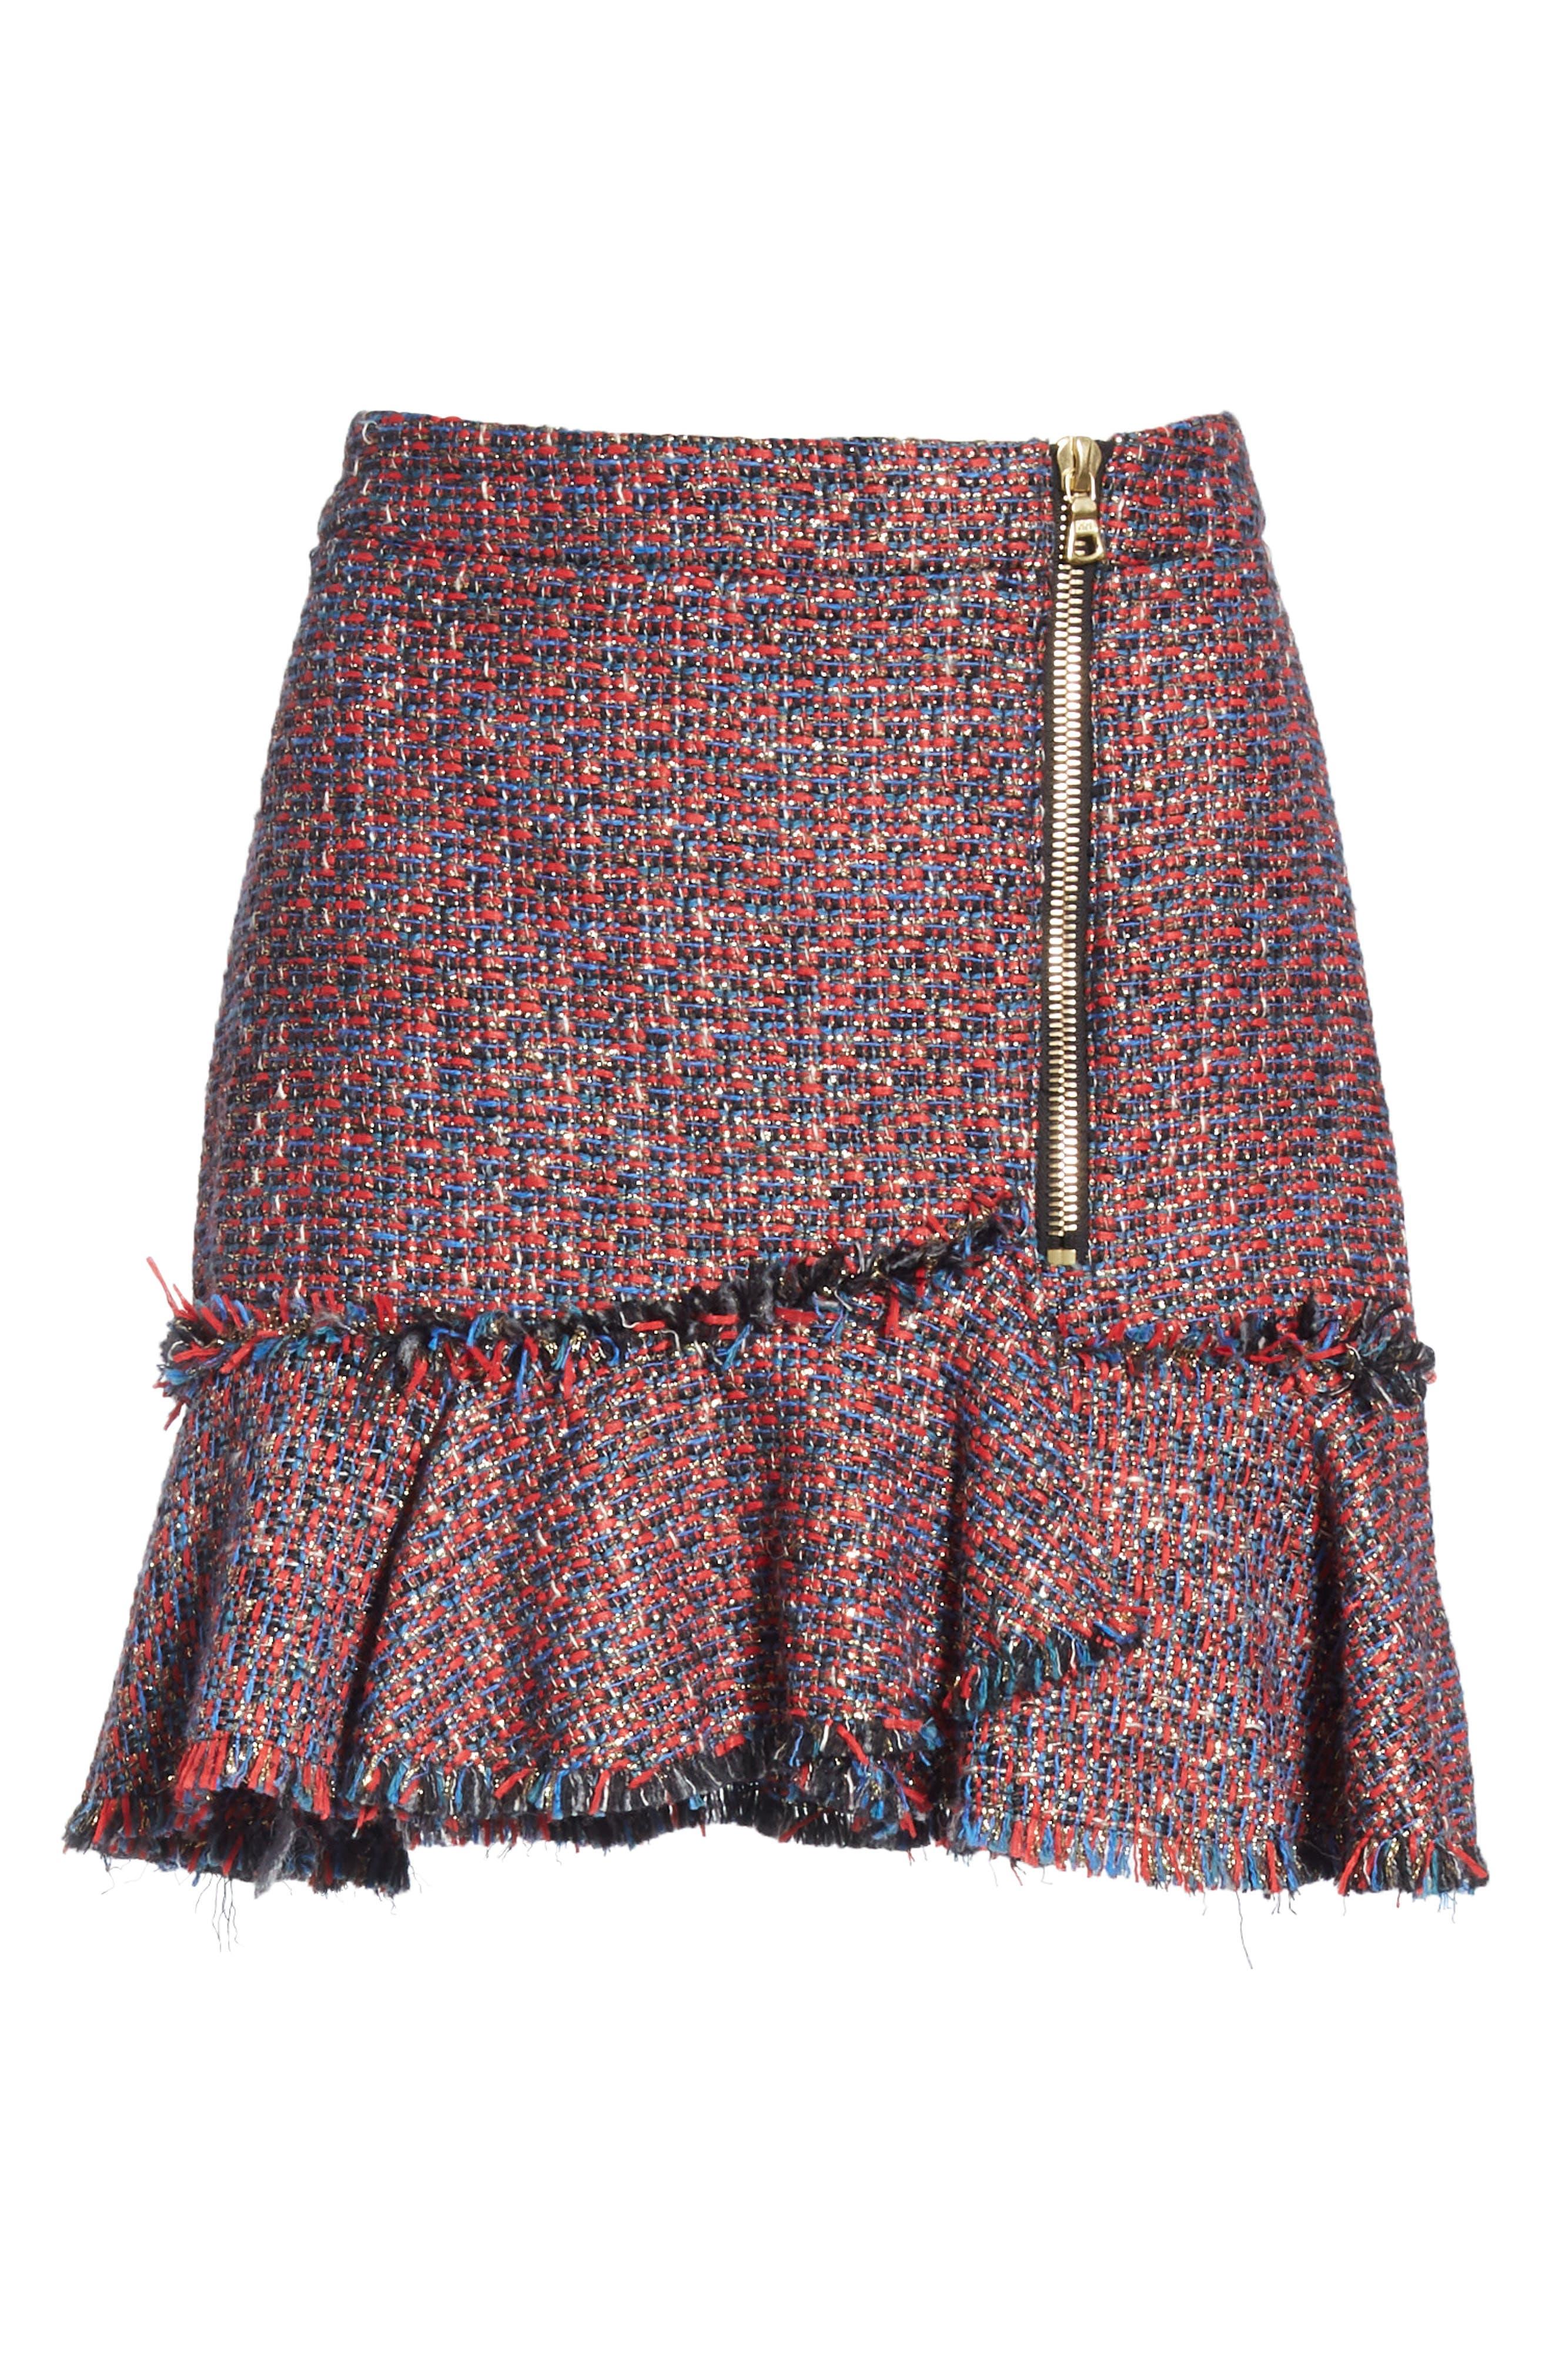 Madra Tweed Skirt,                             Alternate thumbnail 6, color,                             RED MULTI